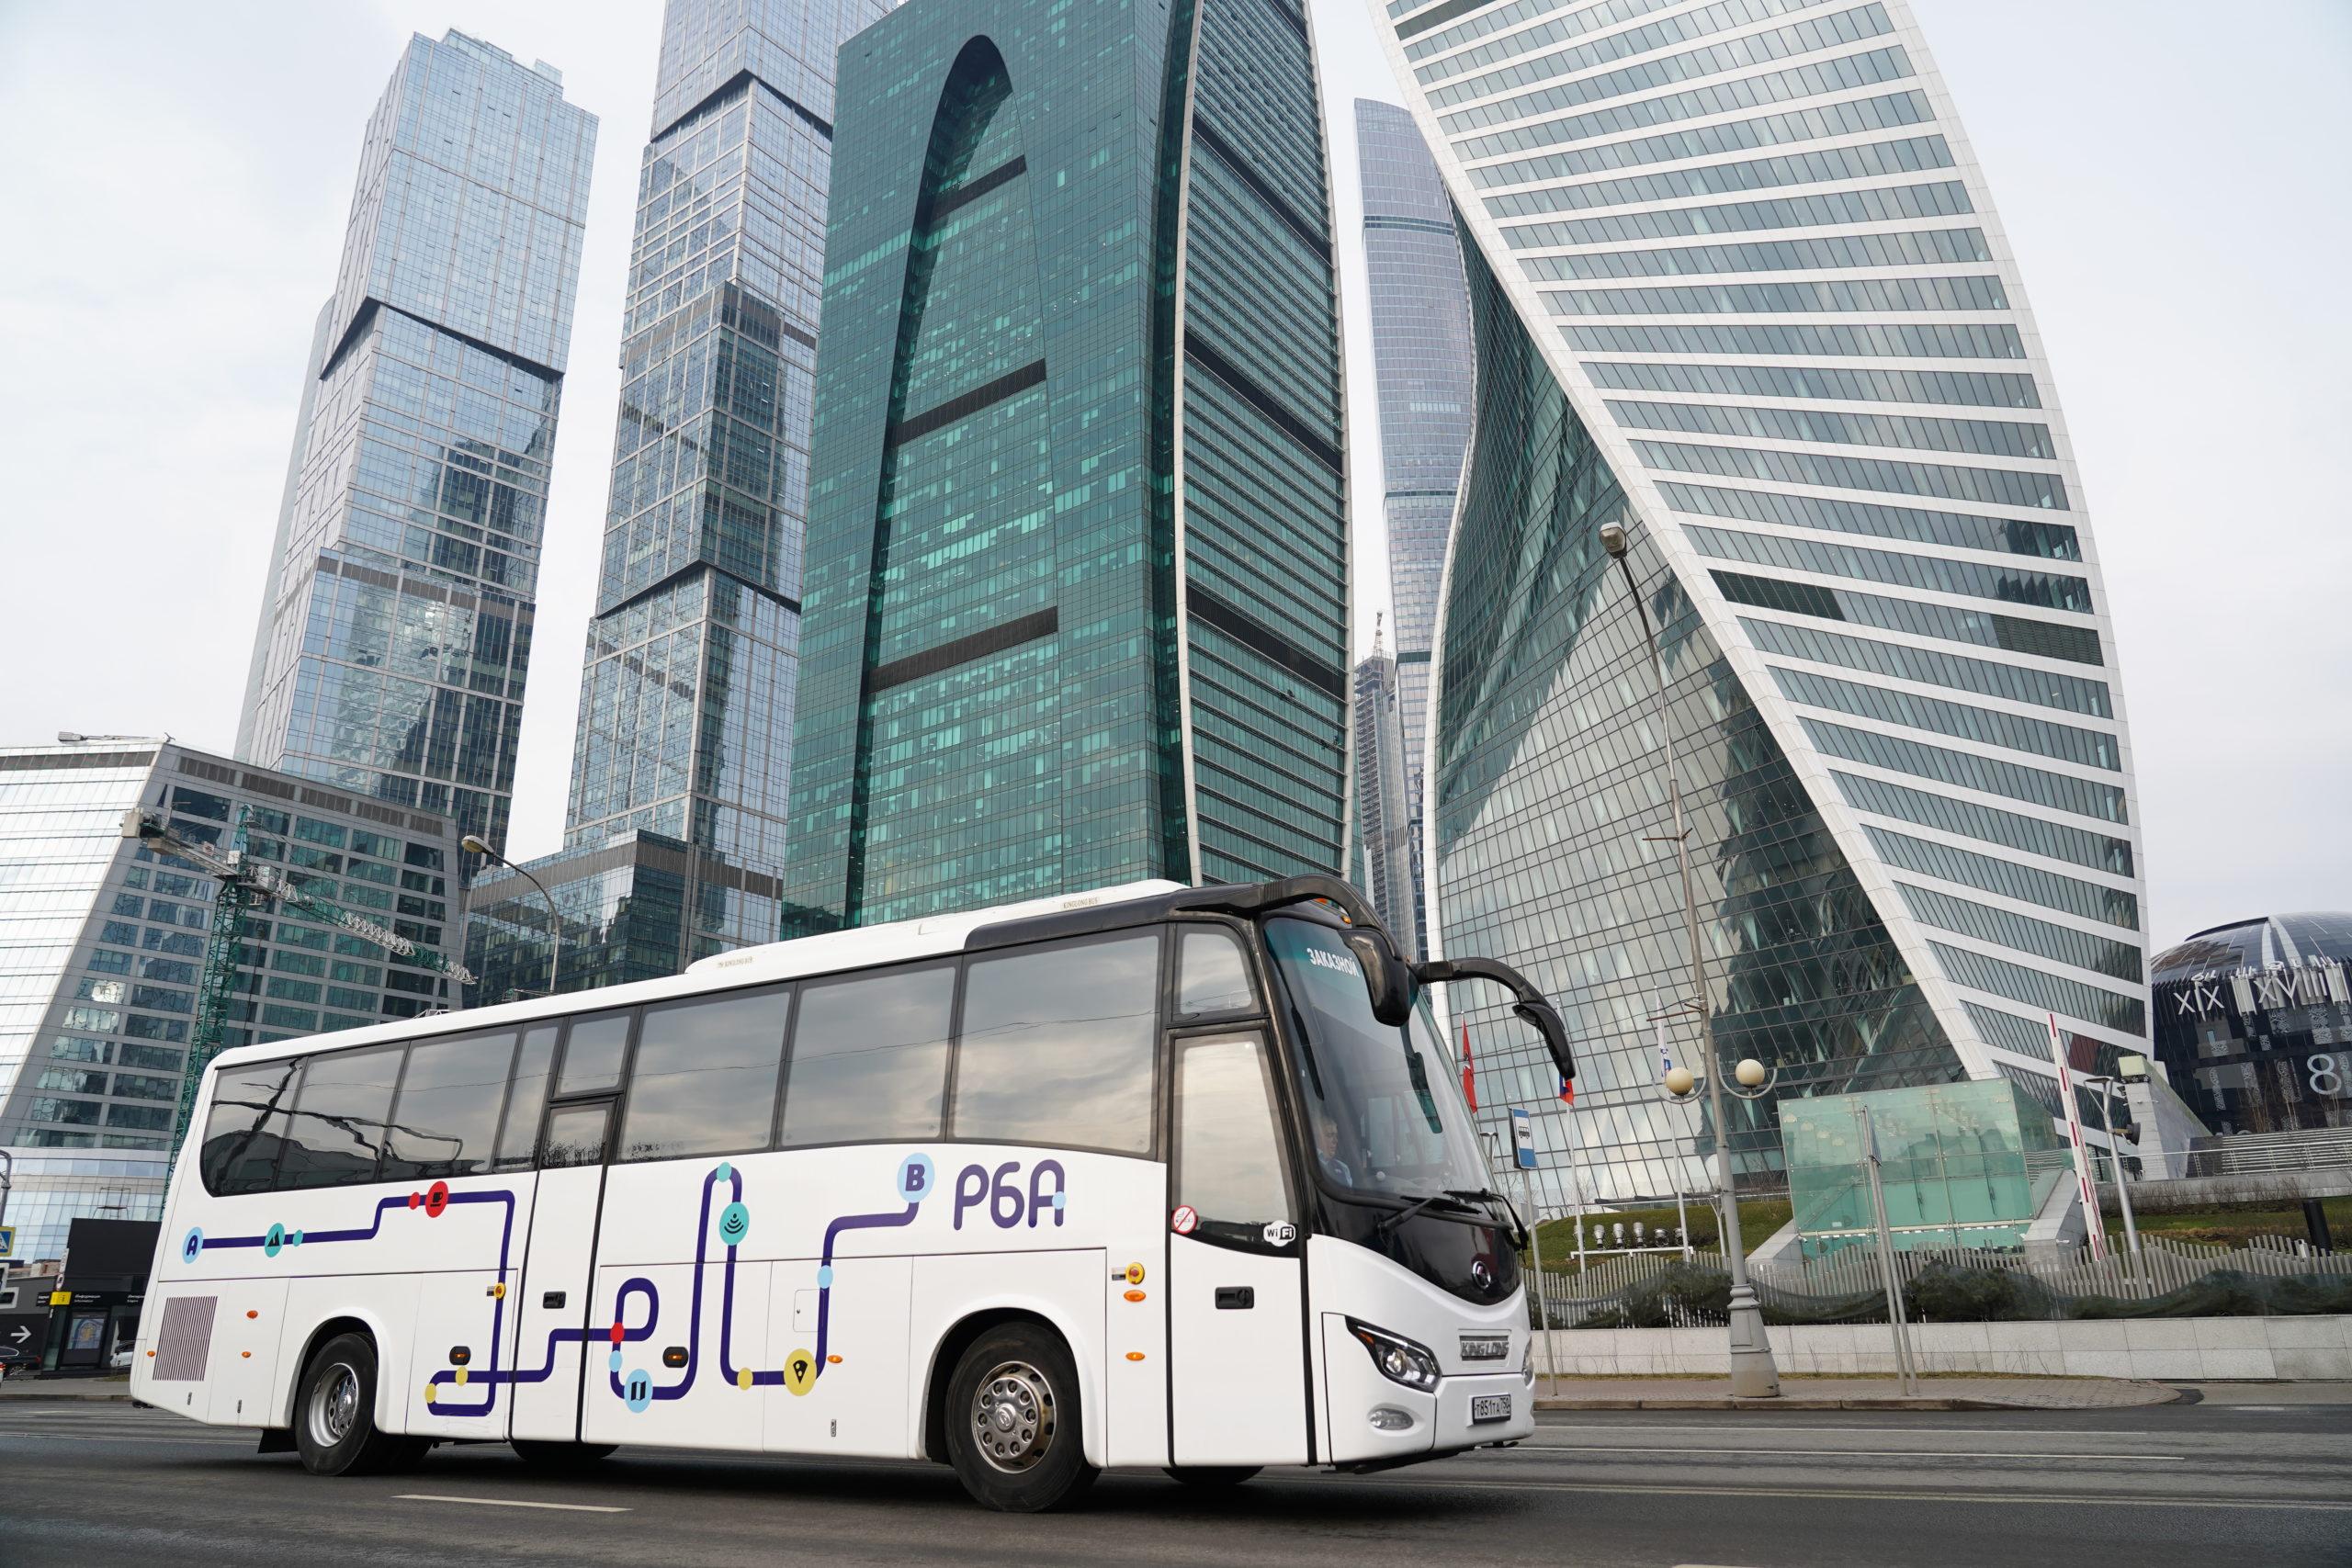 GLZ05615 scaled - Заказать автобус для перевозки пассажиров в Москве